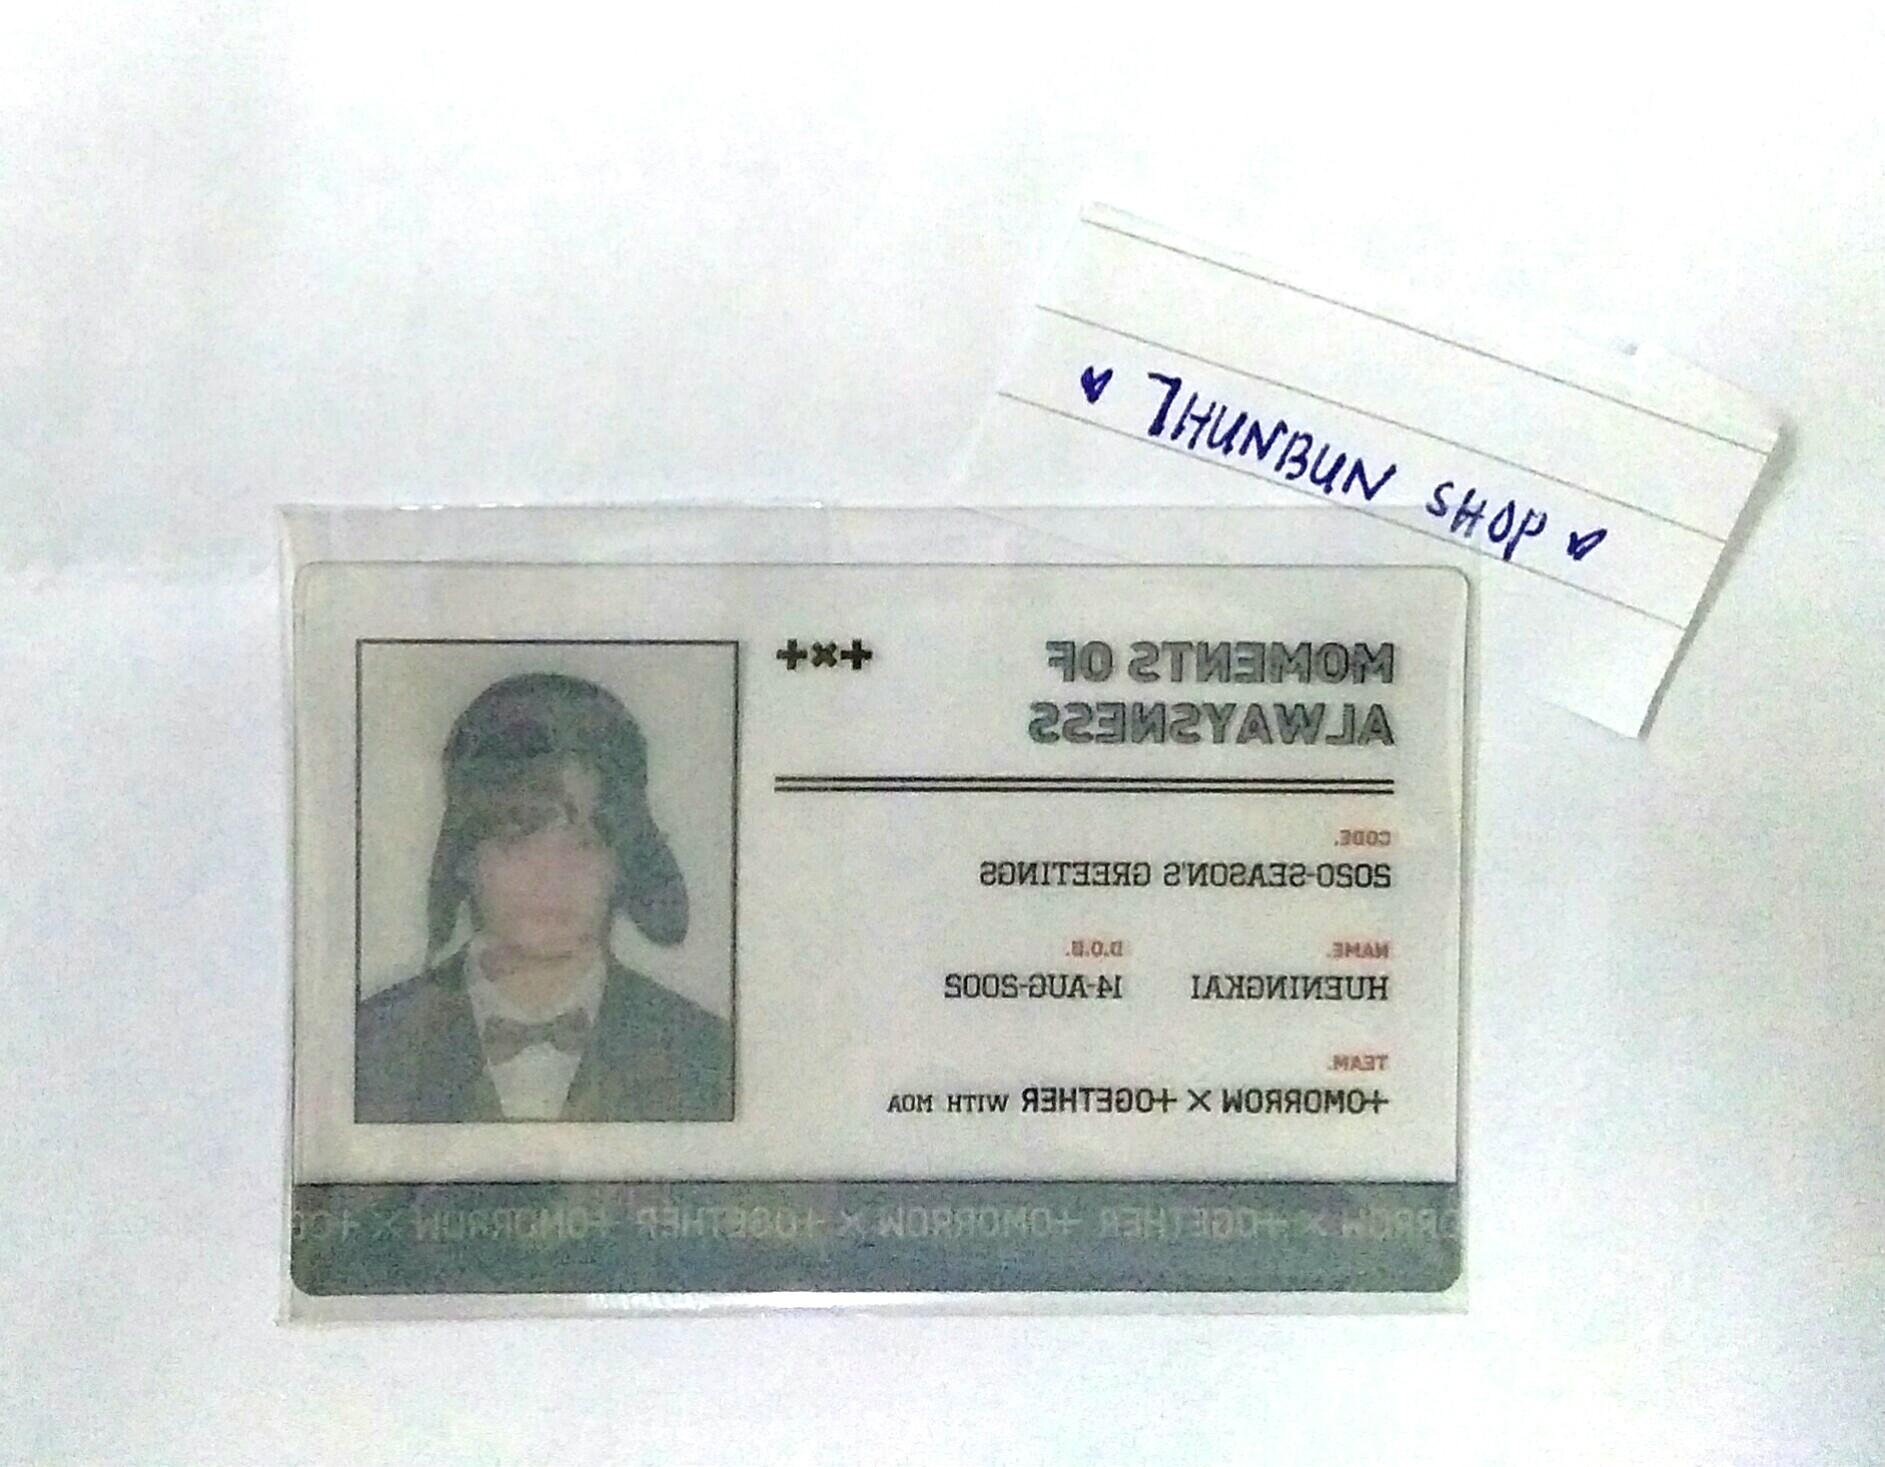 HUENINGKAI ID CARD - TXT 2020 SEASON GREETINGS OFFICIAL